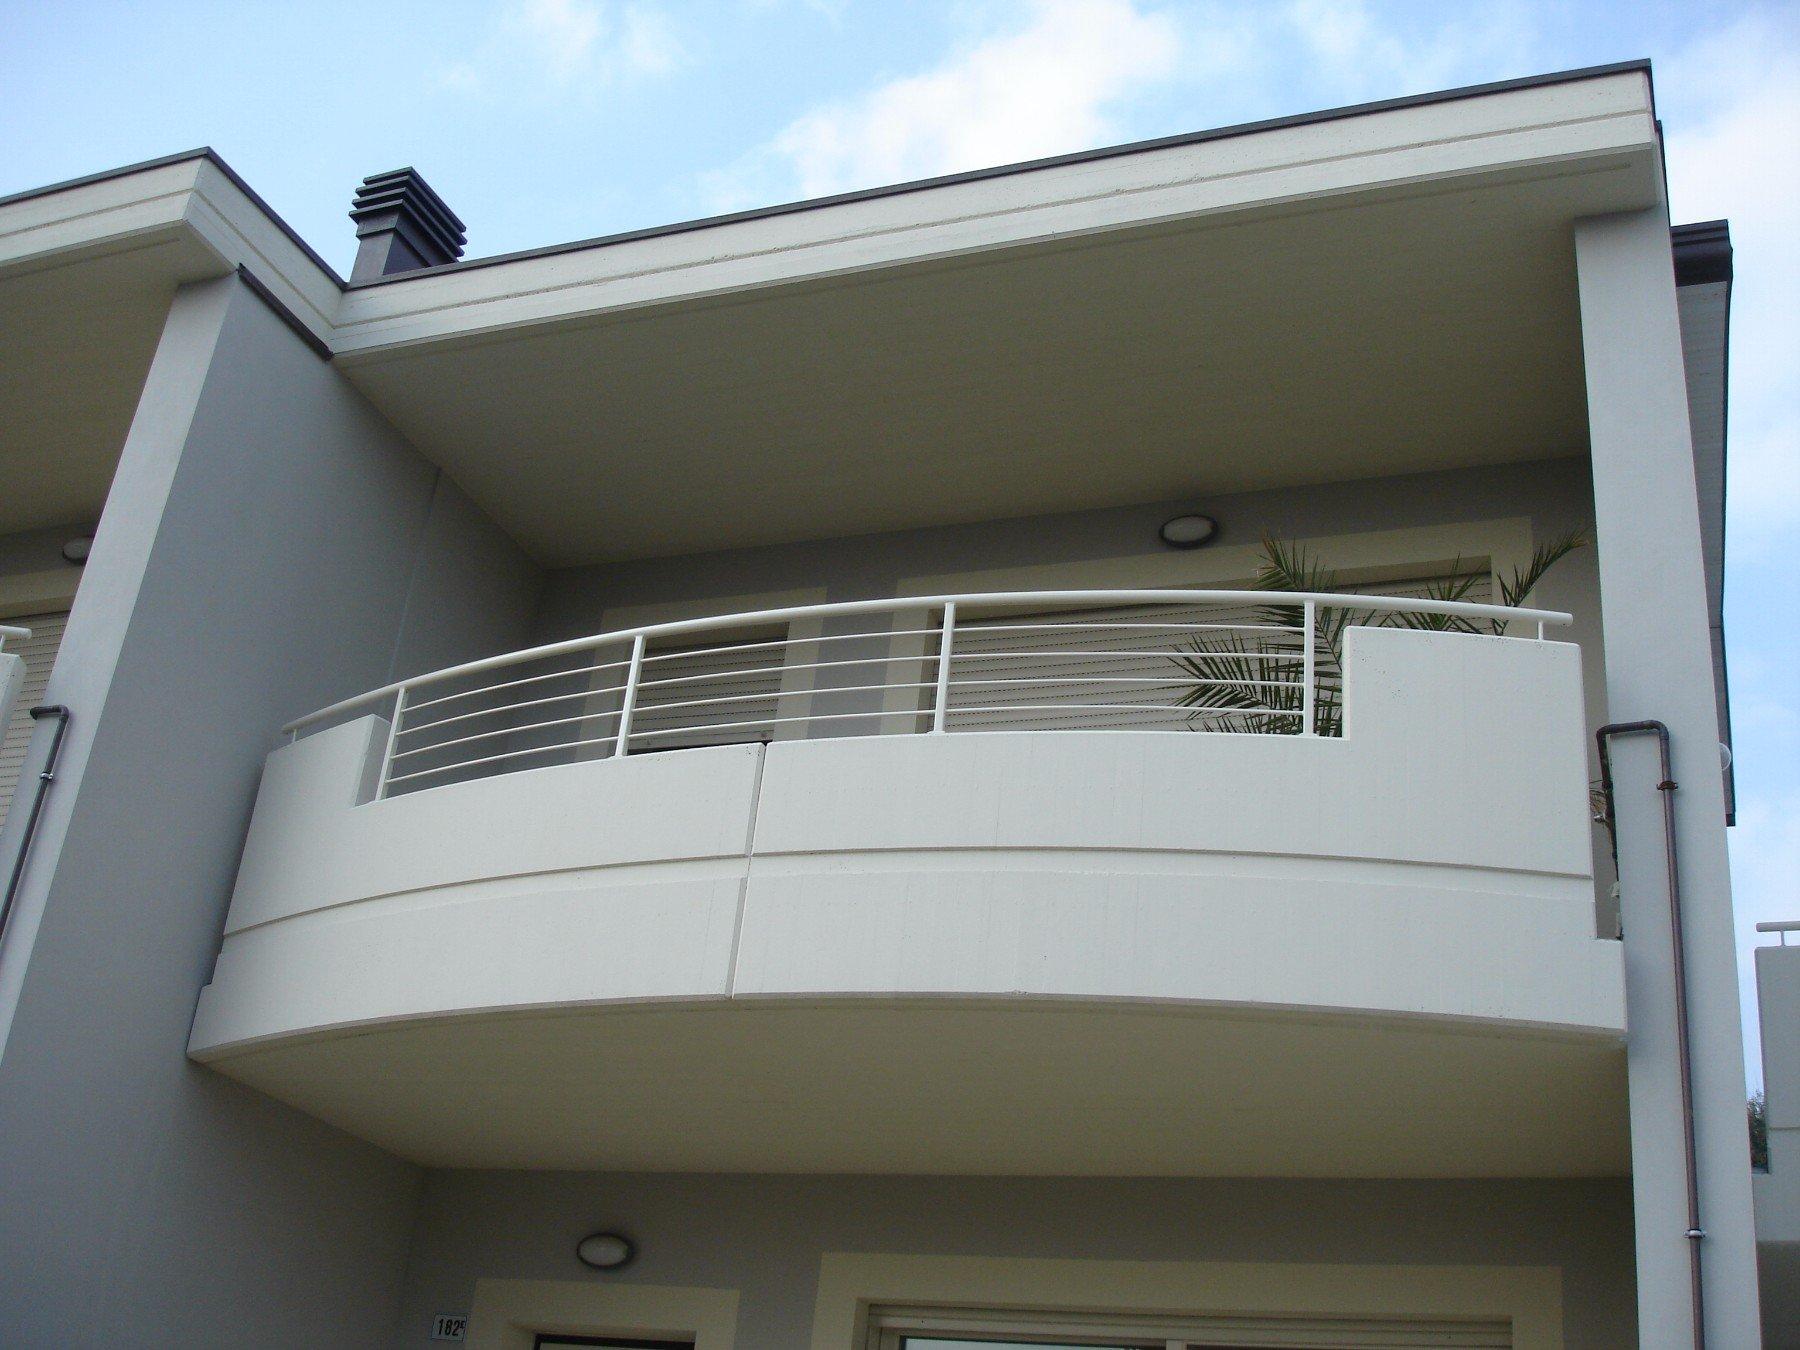 un balcone bianco con una ringhiera in ferro battuto